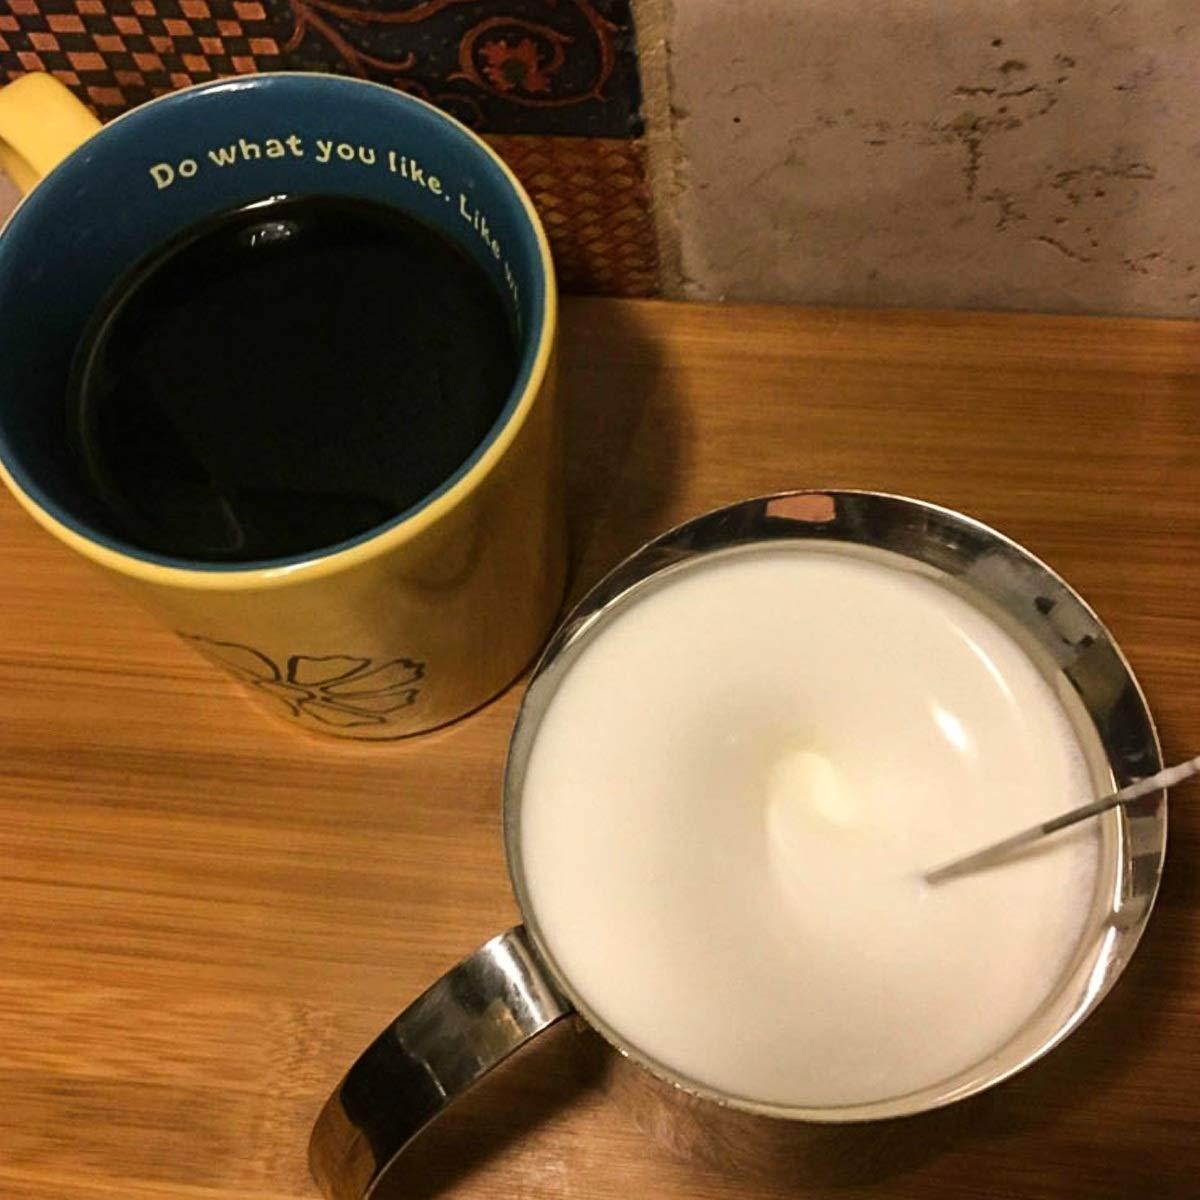 Leche de Mano Latte Espumador de Leche para Caf/é Espumador Cappuccino Leche Mezclador de Acero Inoxidable Matcha Mini Bebida El/éctrico Mezclador Bater/ía Nosii Port/átil